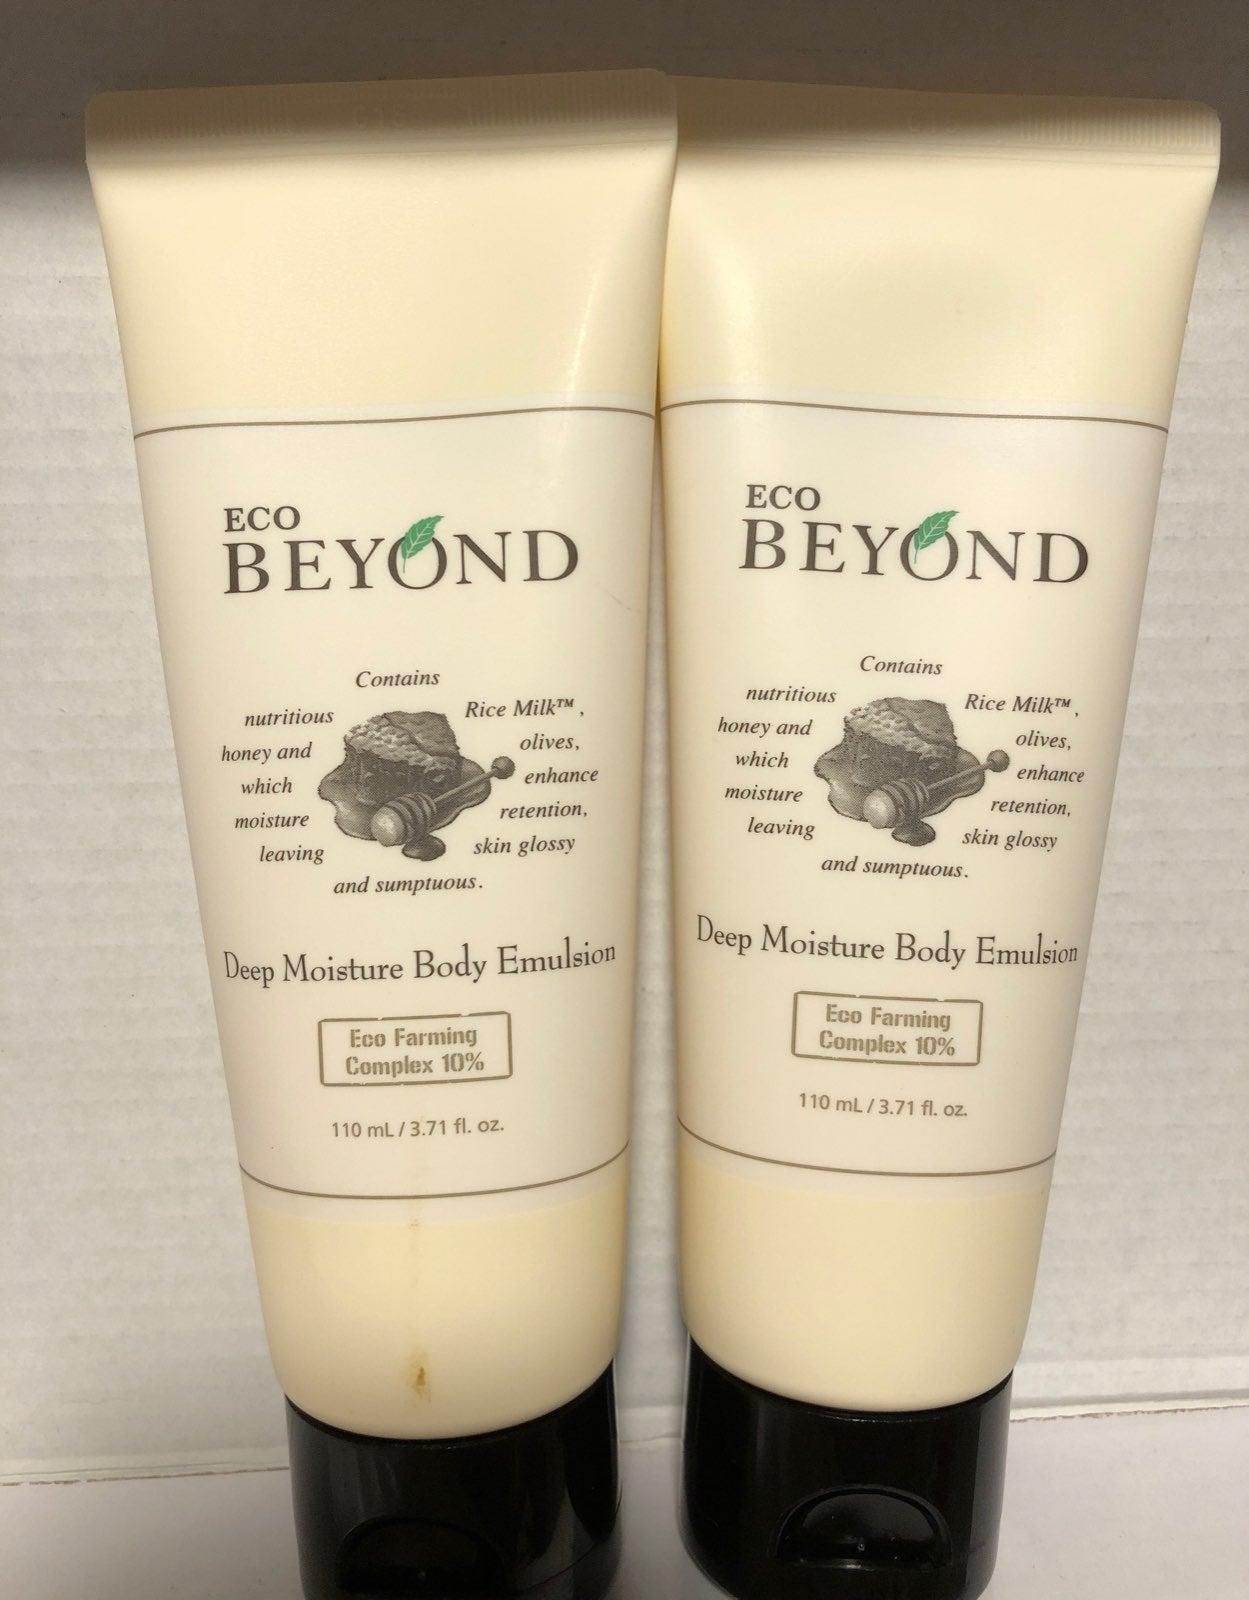 Eco beyond body cream